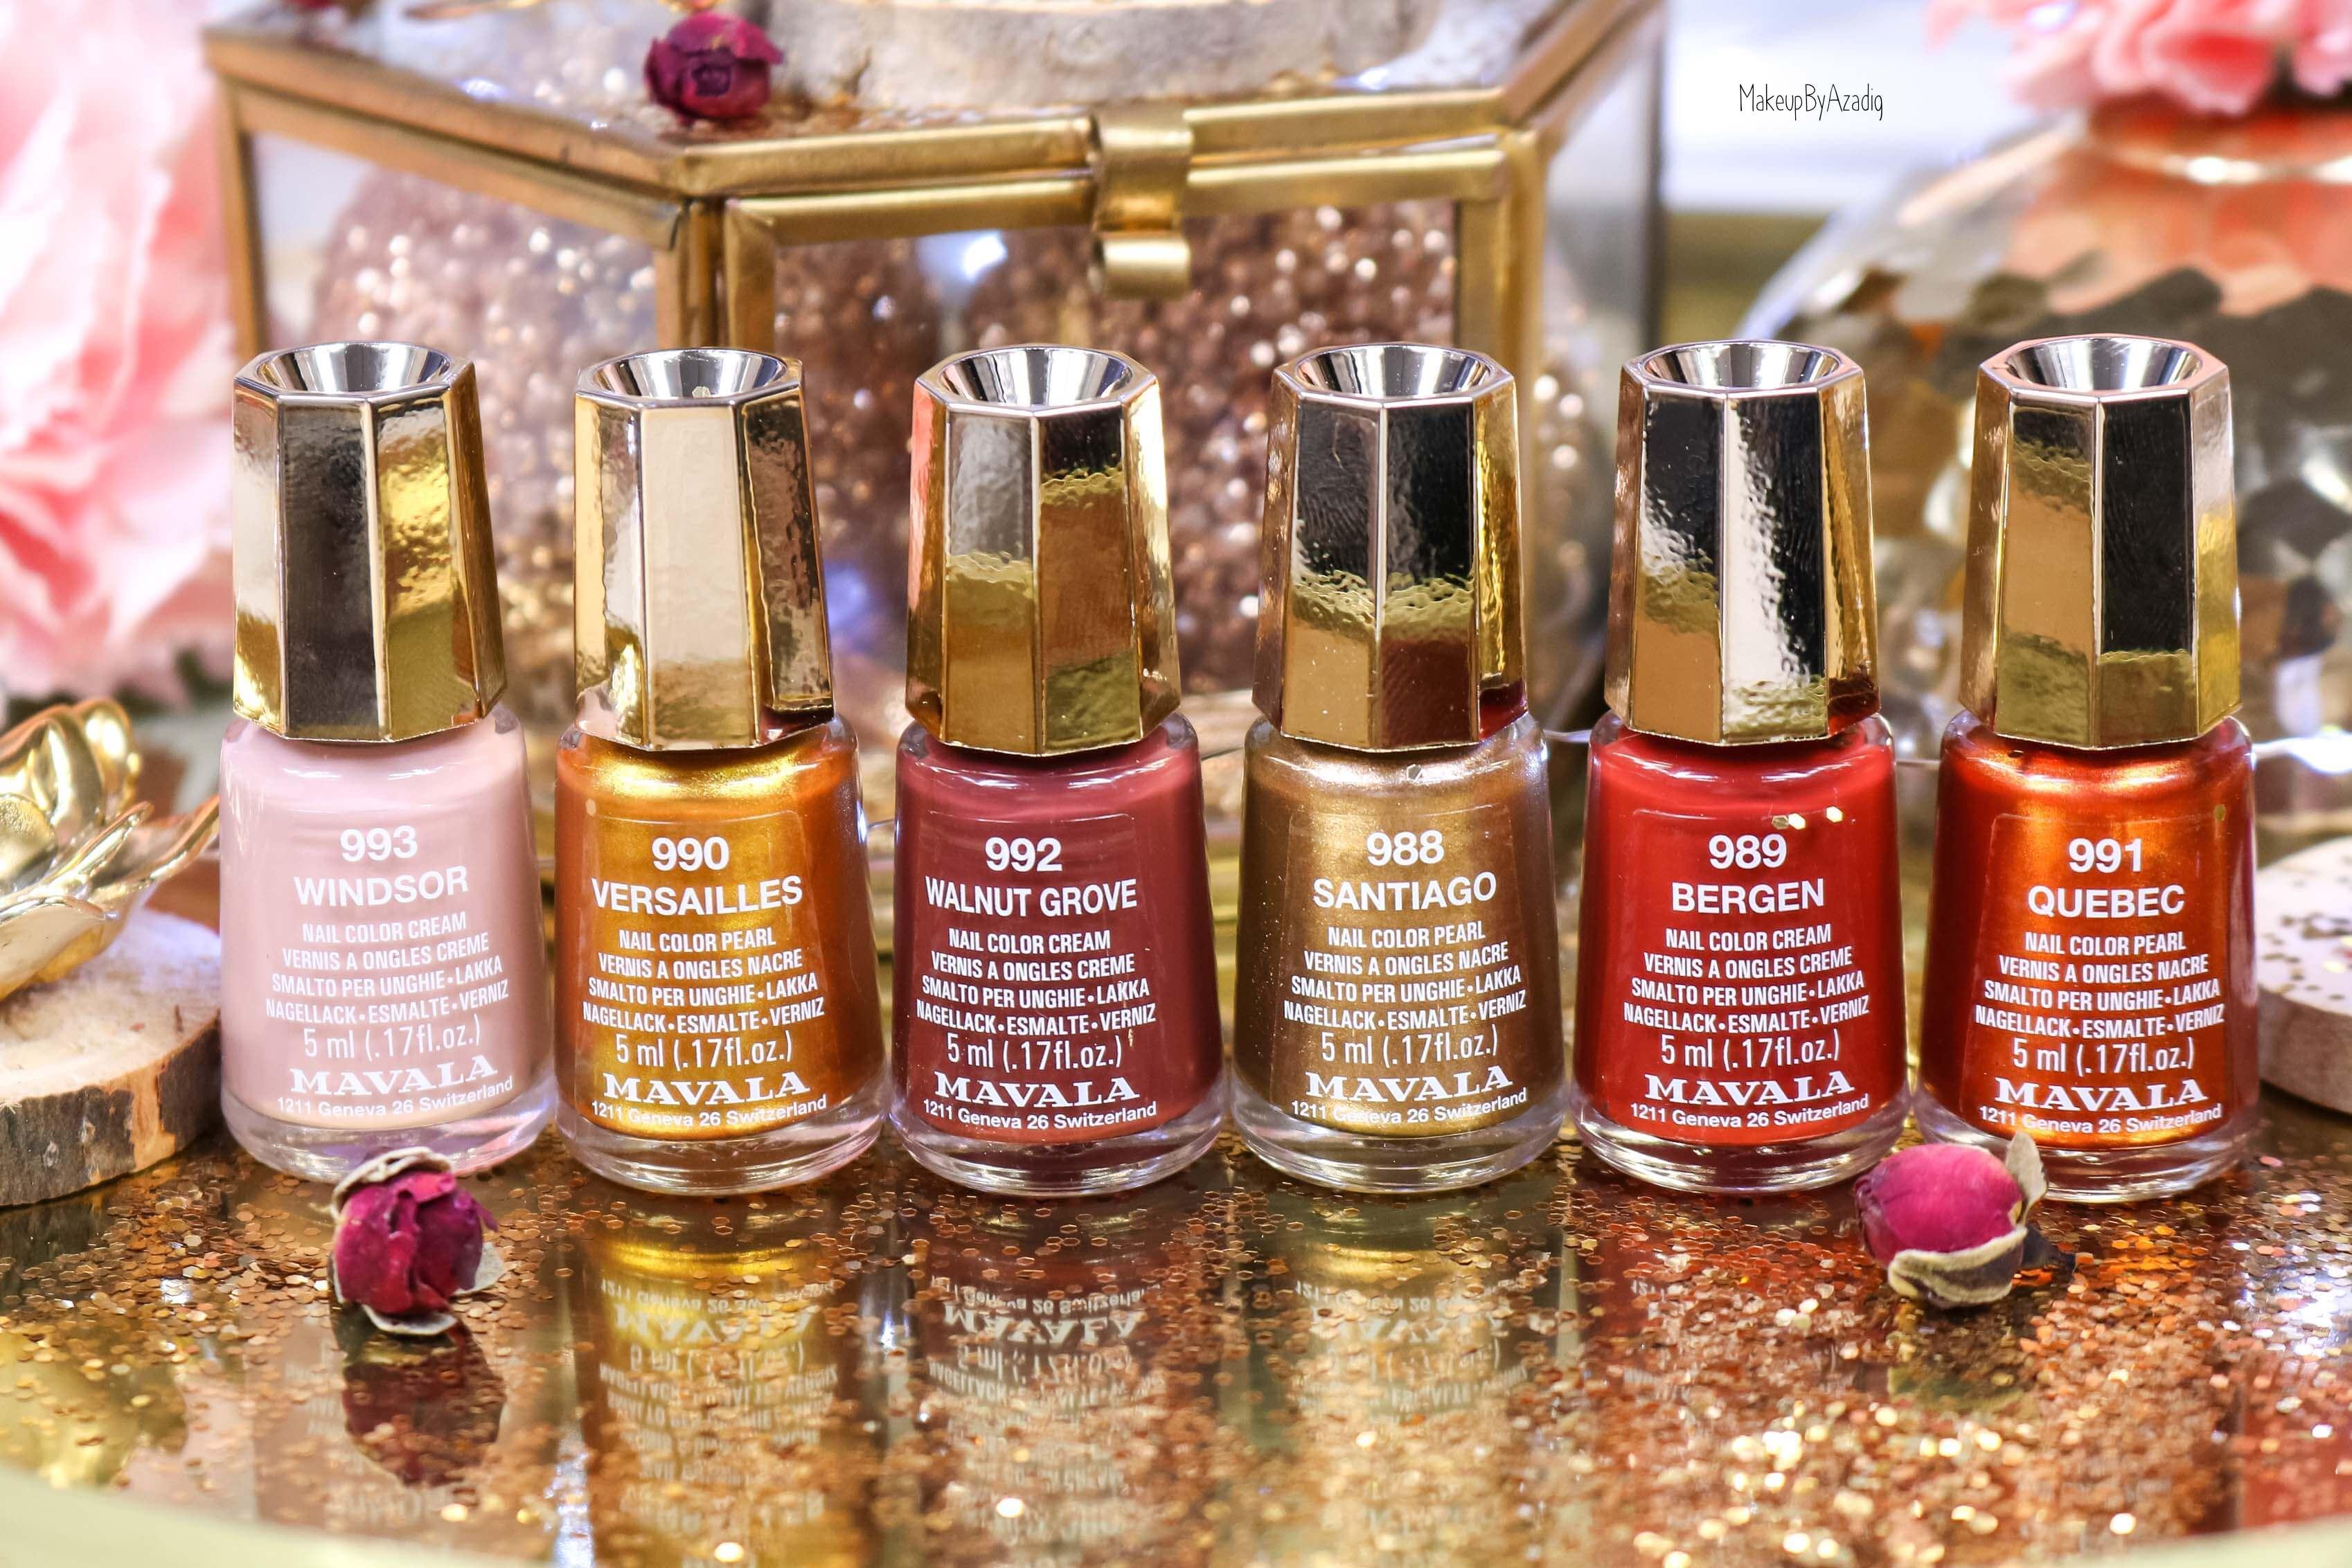 revue-collection-vernis-mavala-nails-heritage-chic-bordeaux-cuivre-metallique-gold-rouge-makeupbyazadig-swatch-avis-prix-monoprix